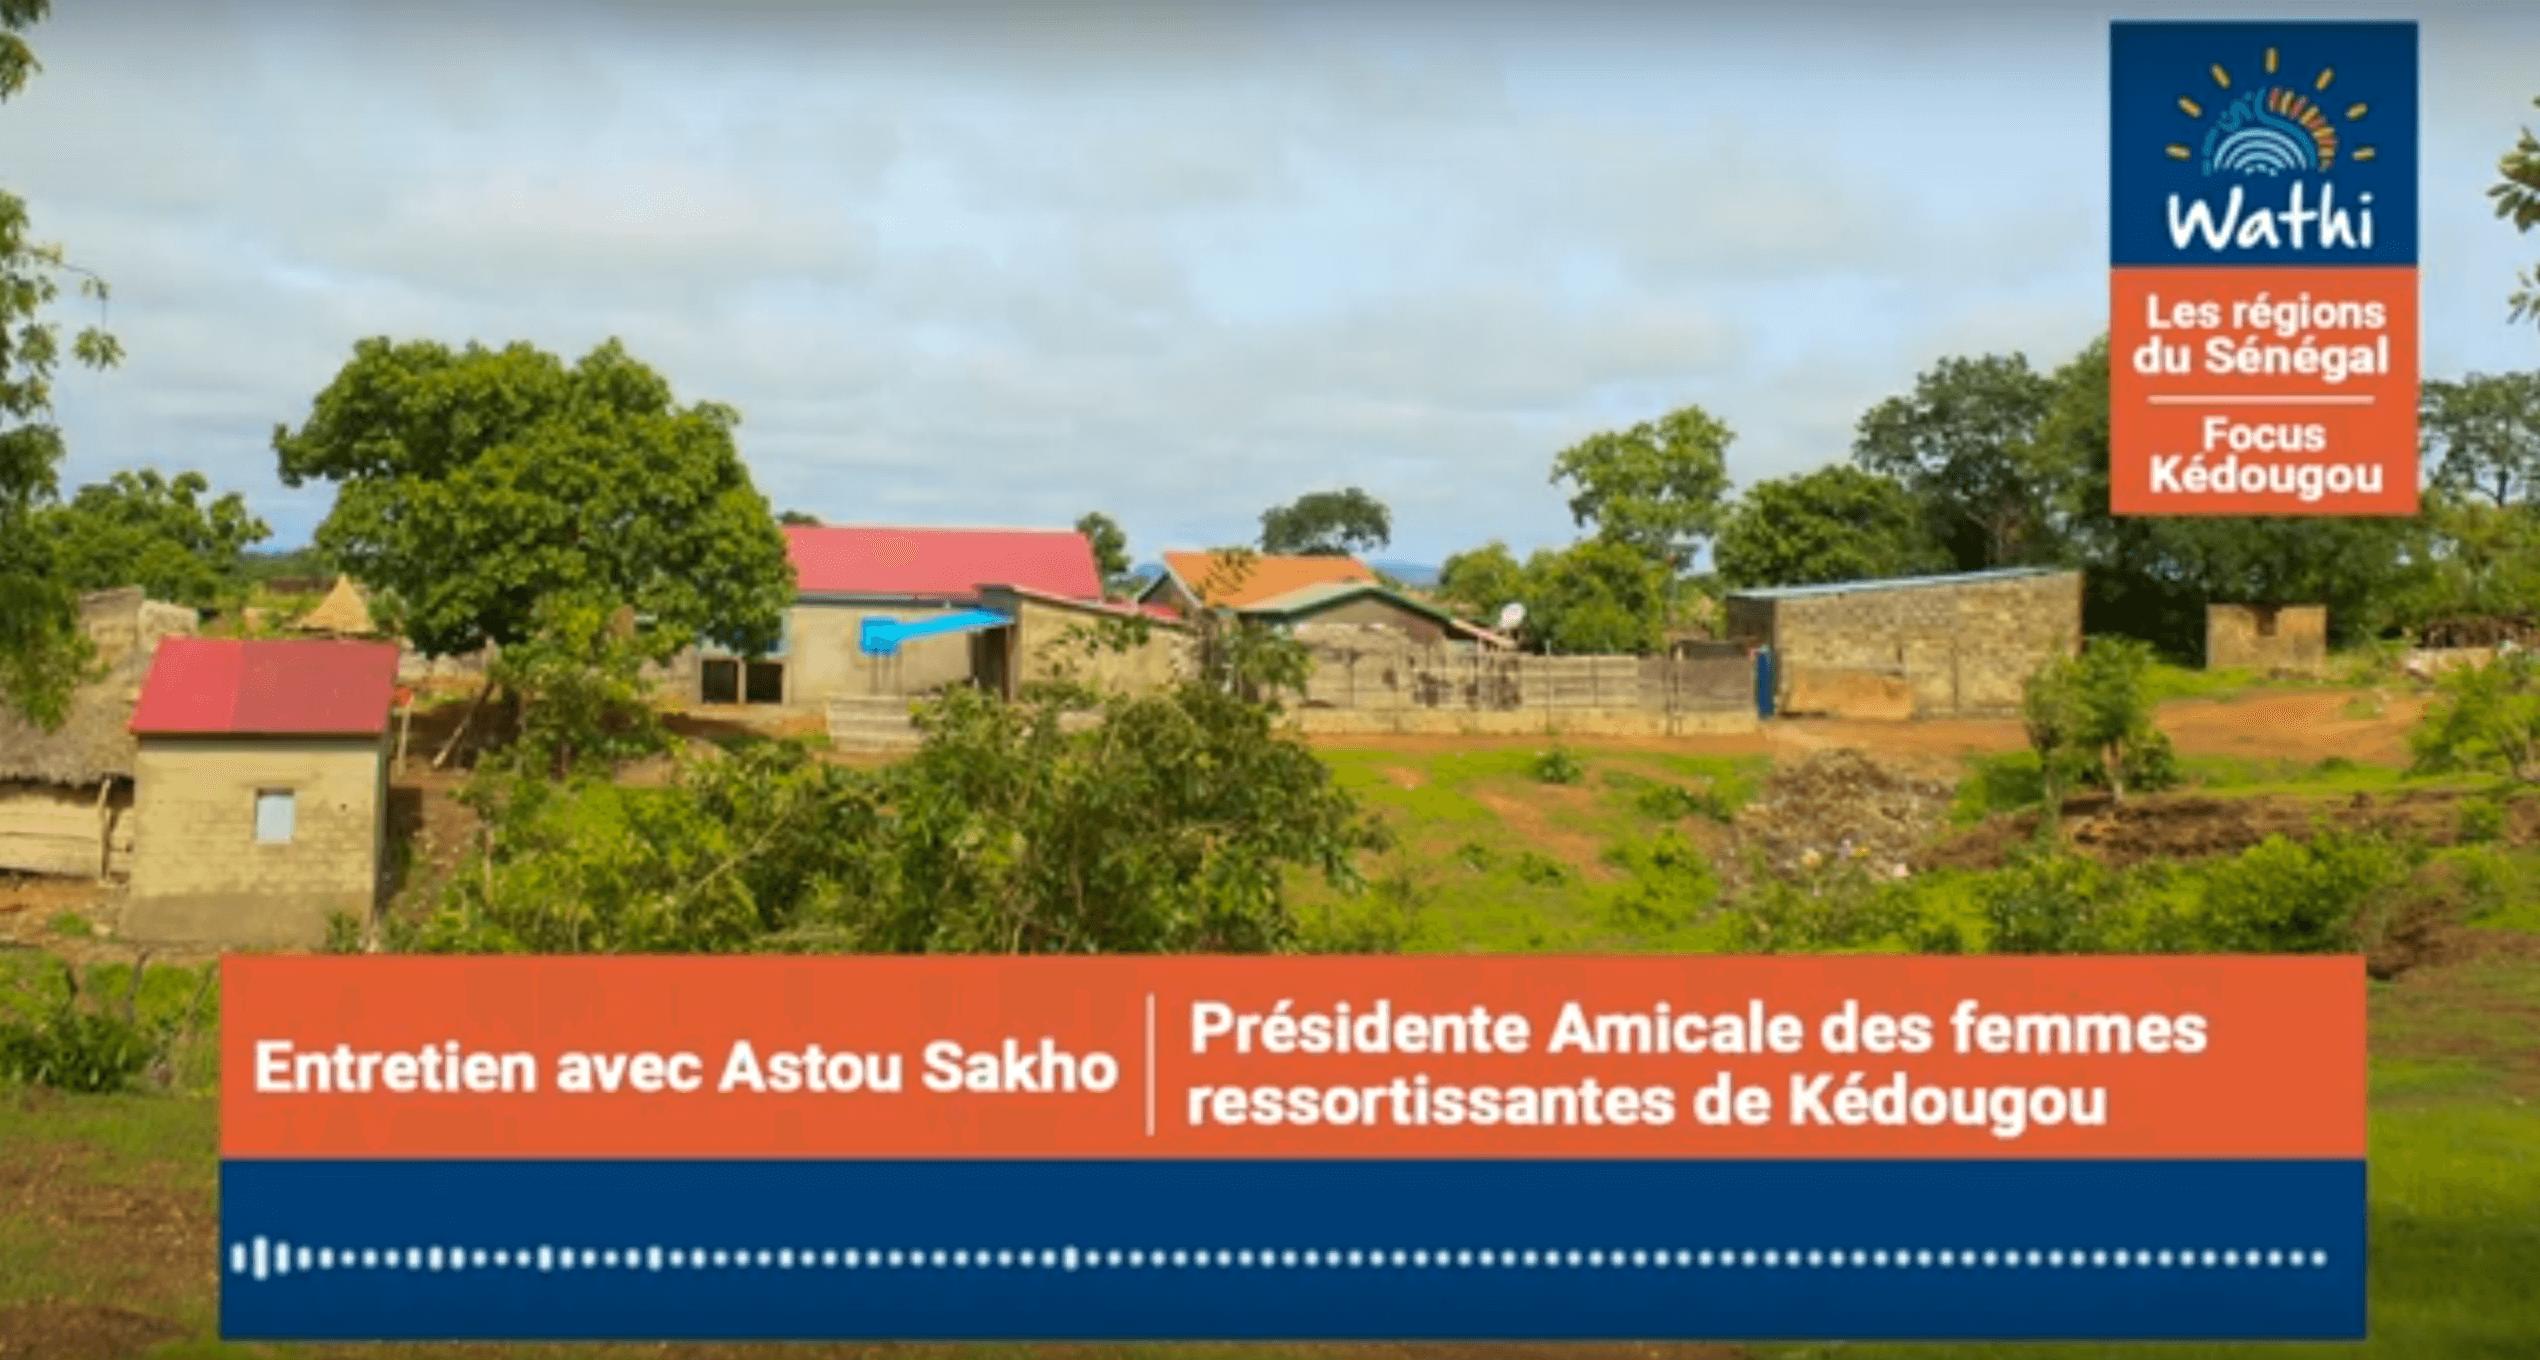 Astou Sakho, Présidente d'association de femmes:«Si on investissait à Kédougou la même somme qu'à Diamniadio, alors la région se développerait»